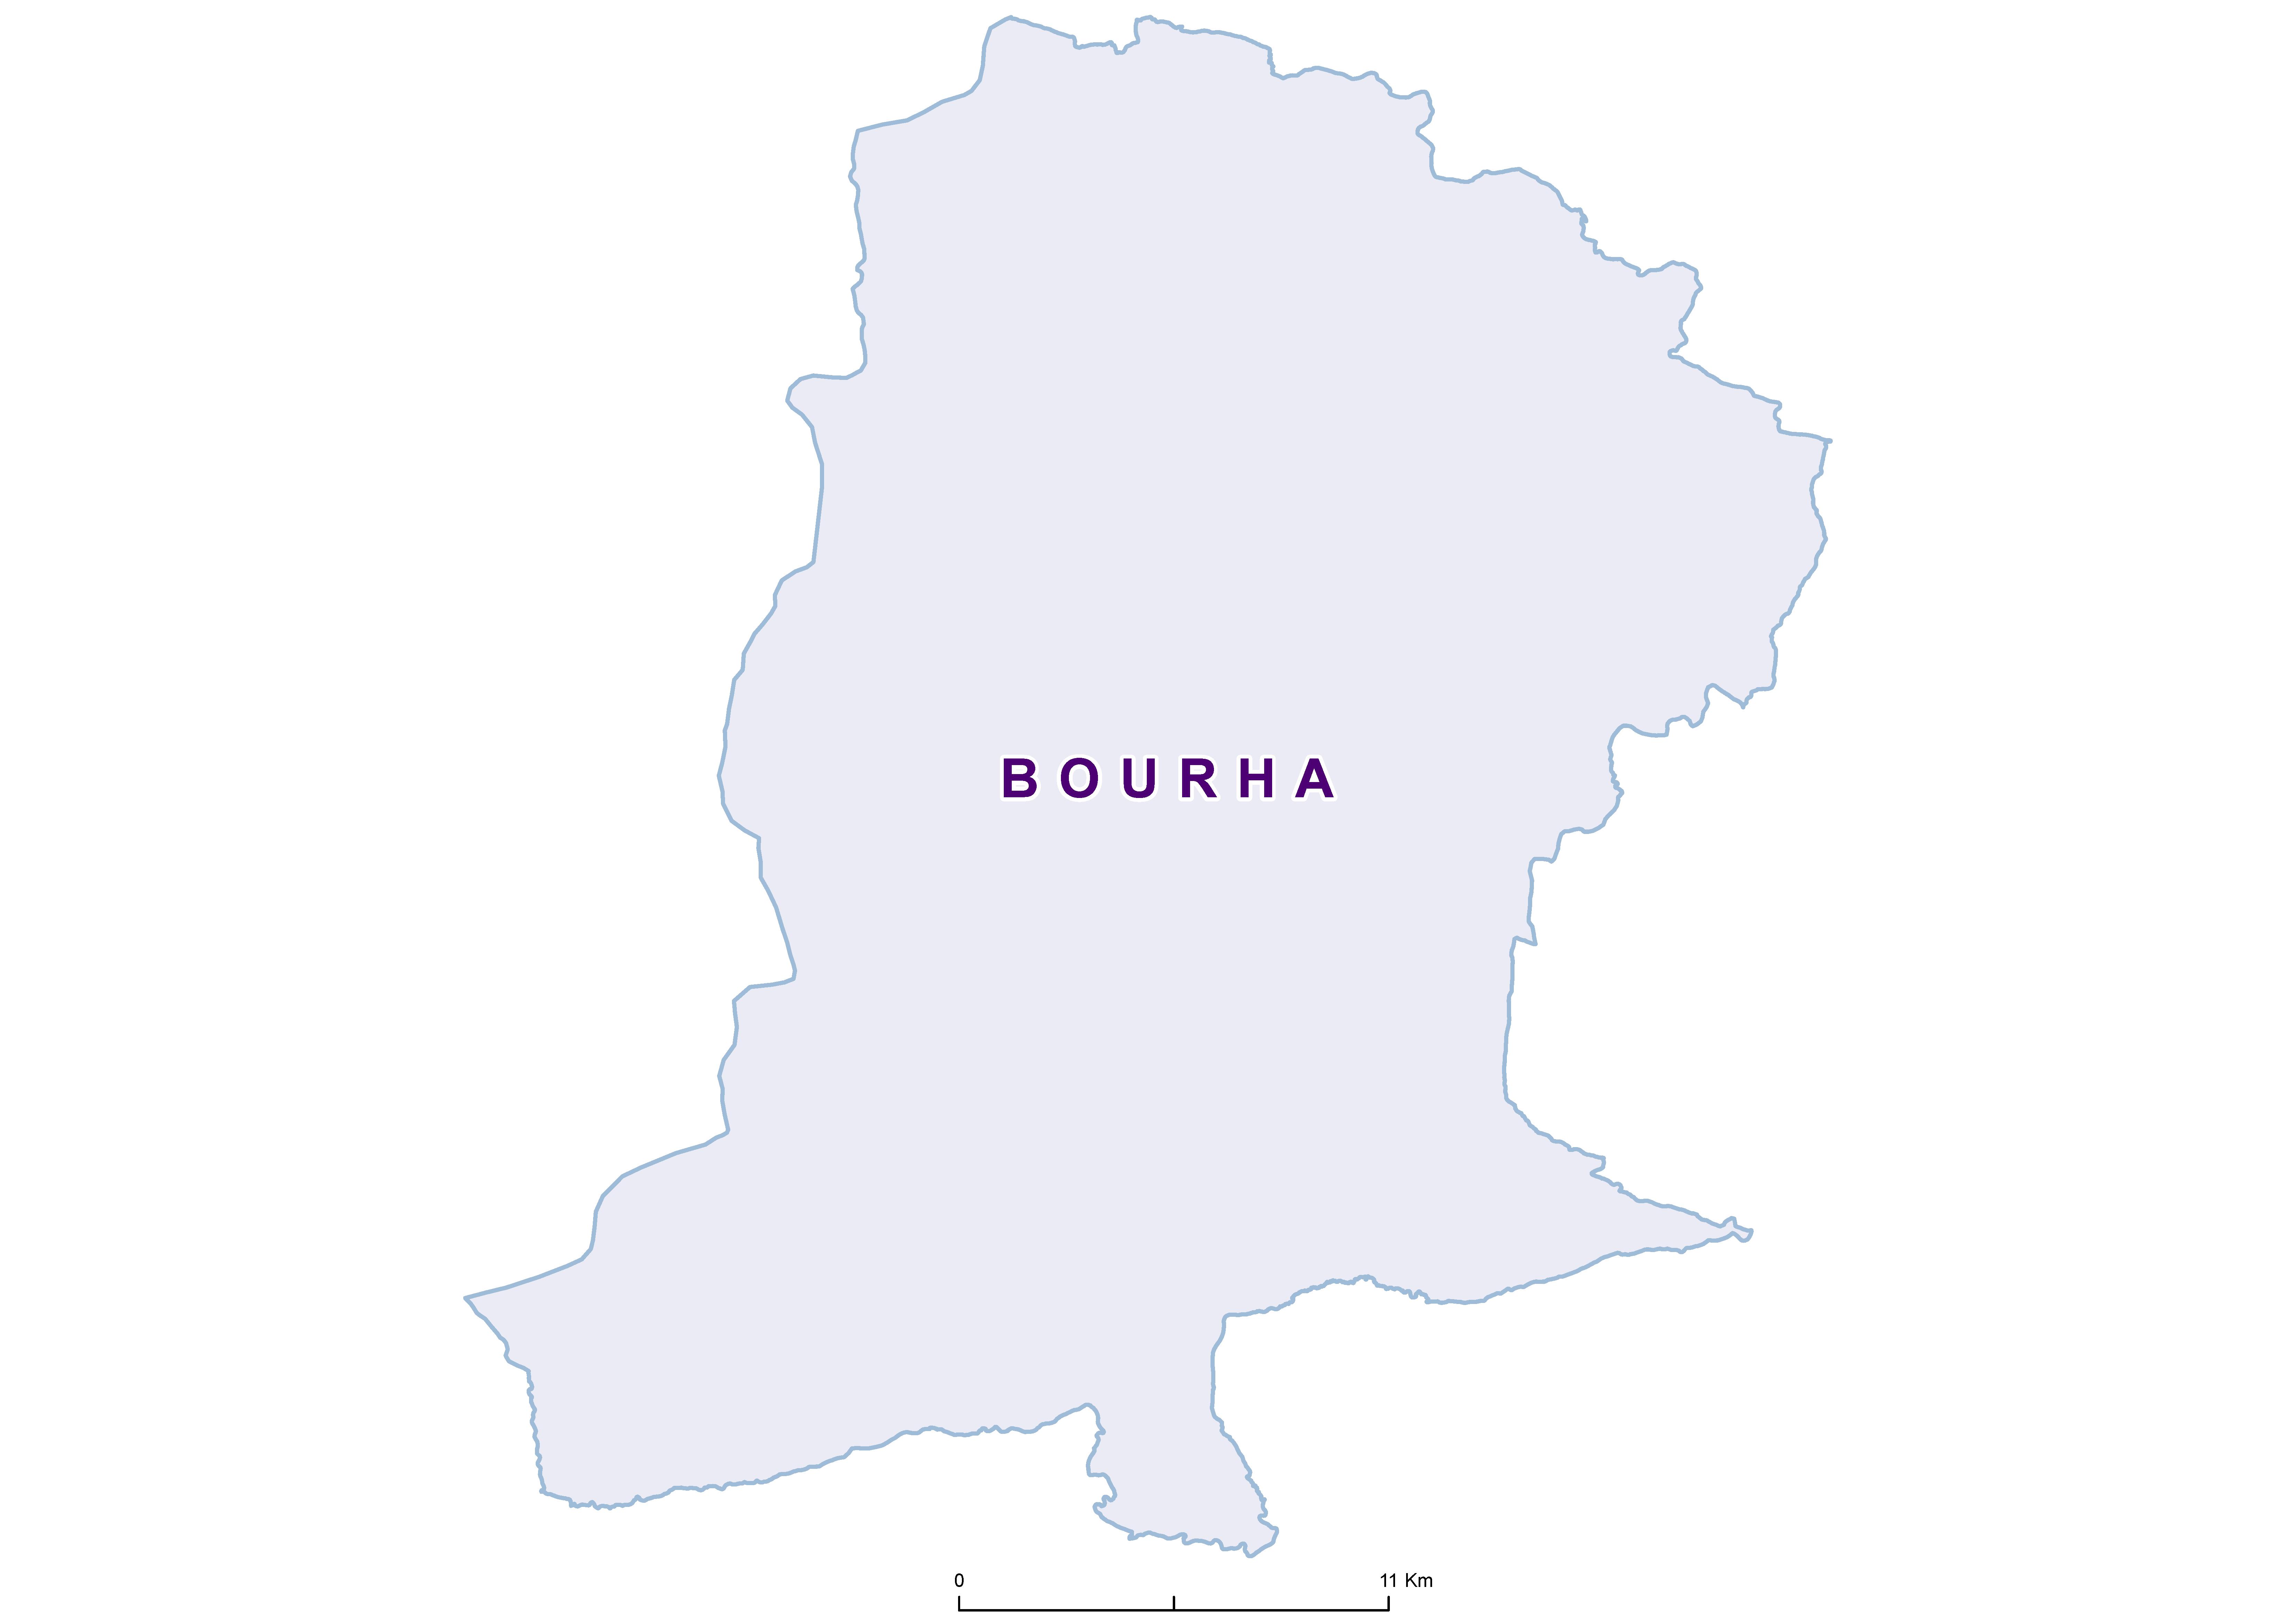 Bourha Mean SCH 20180001